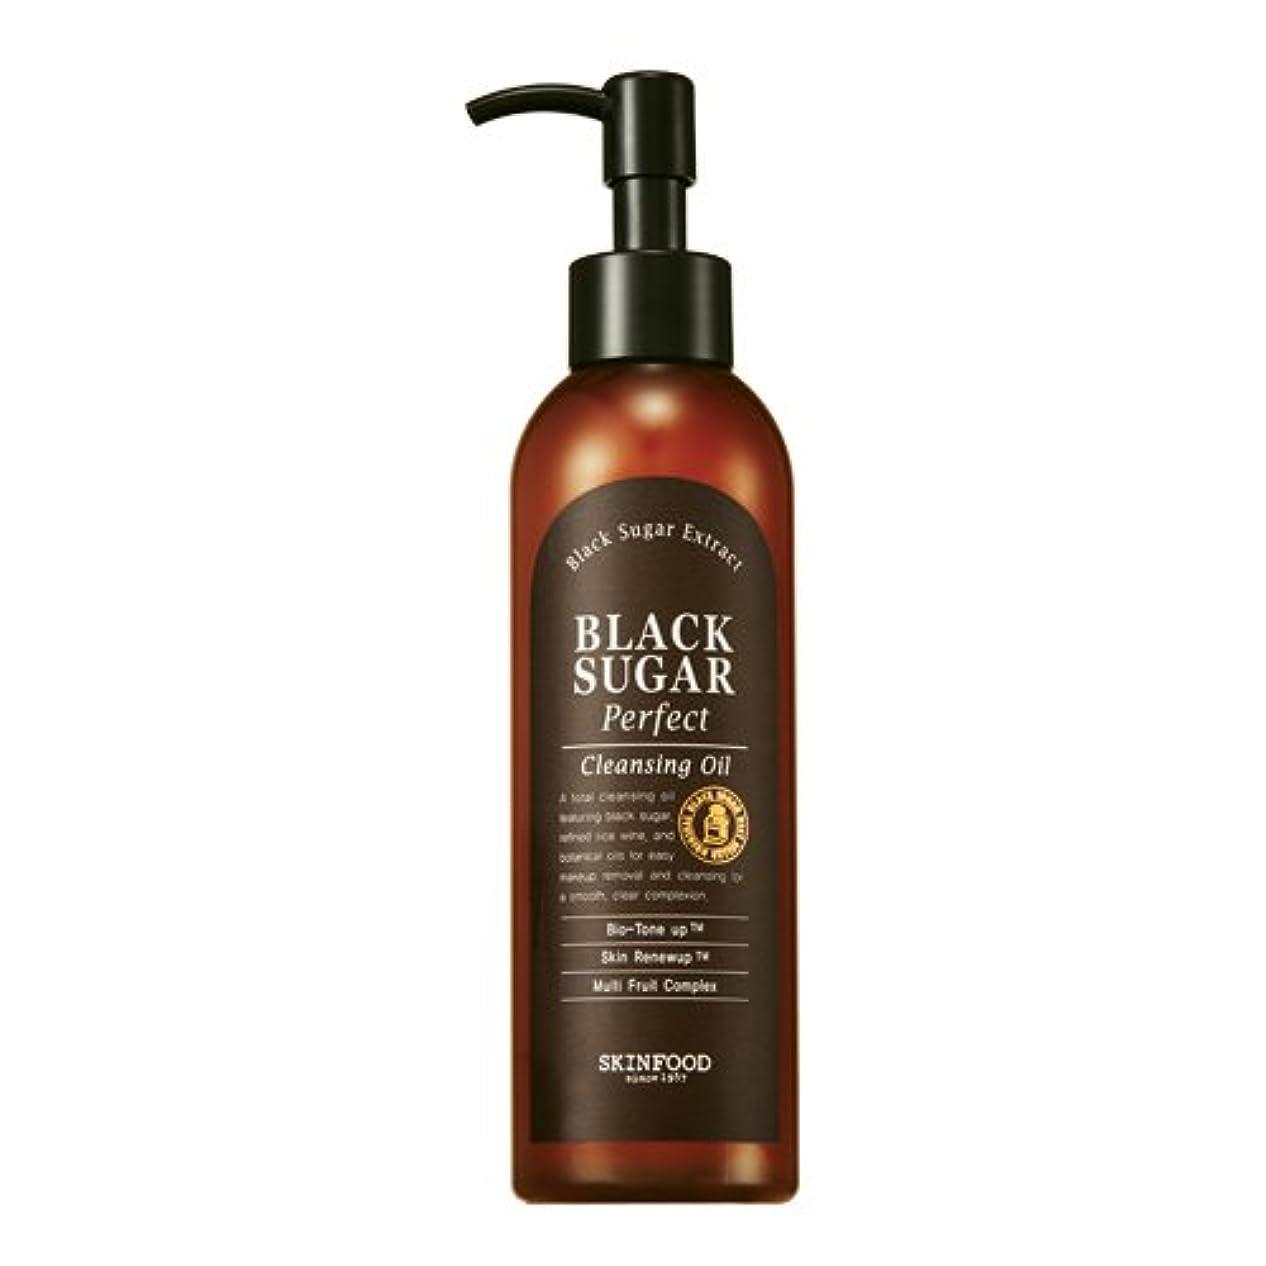 ベアリングサークル有望マニフェストSkinfood/Black Sugar Perfect Cleansing Oil/ブラックシュガーパーフェクトクレンジングオイル/200ml [並行輸入品]